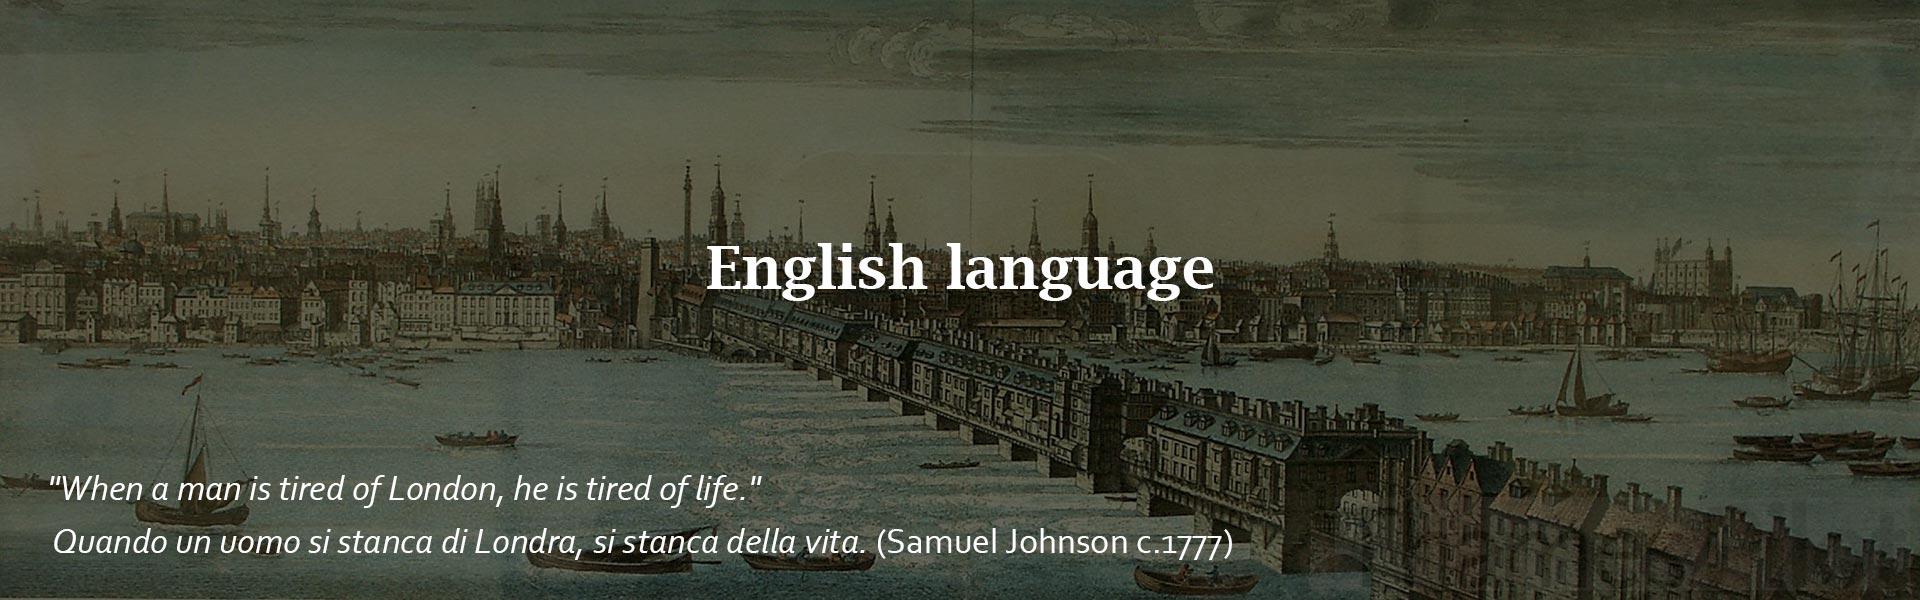 English-language alif pisa